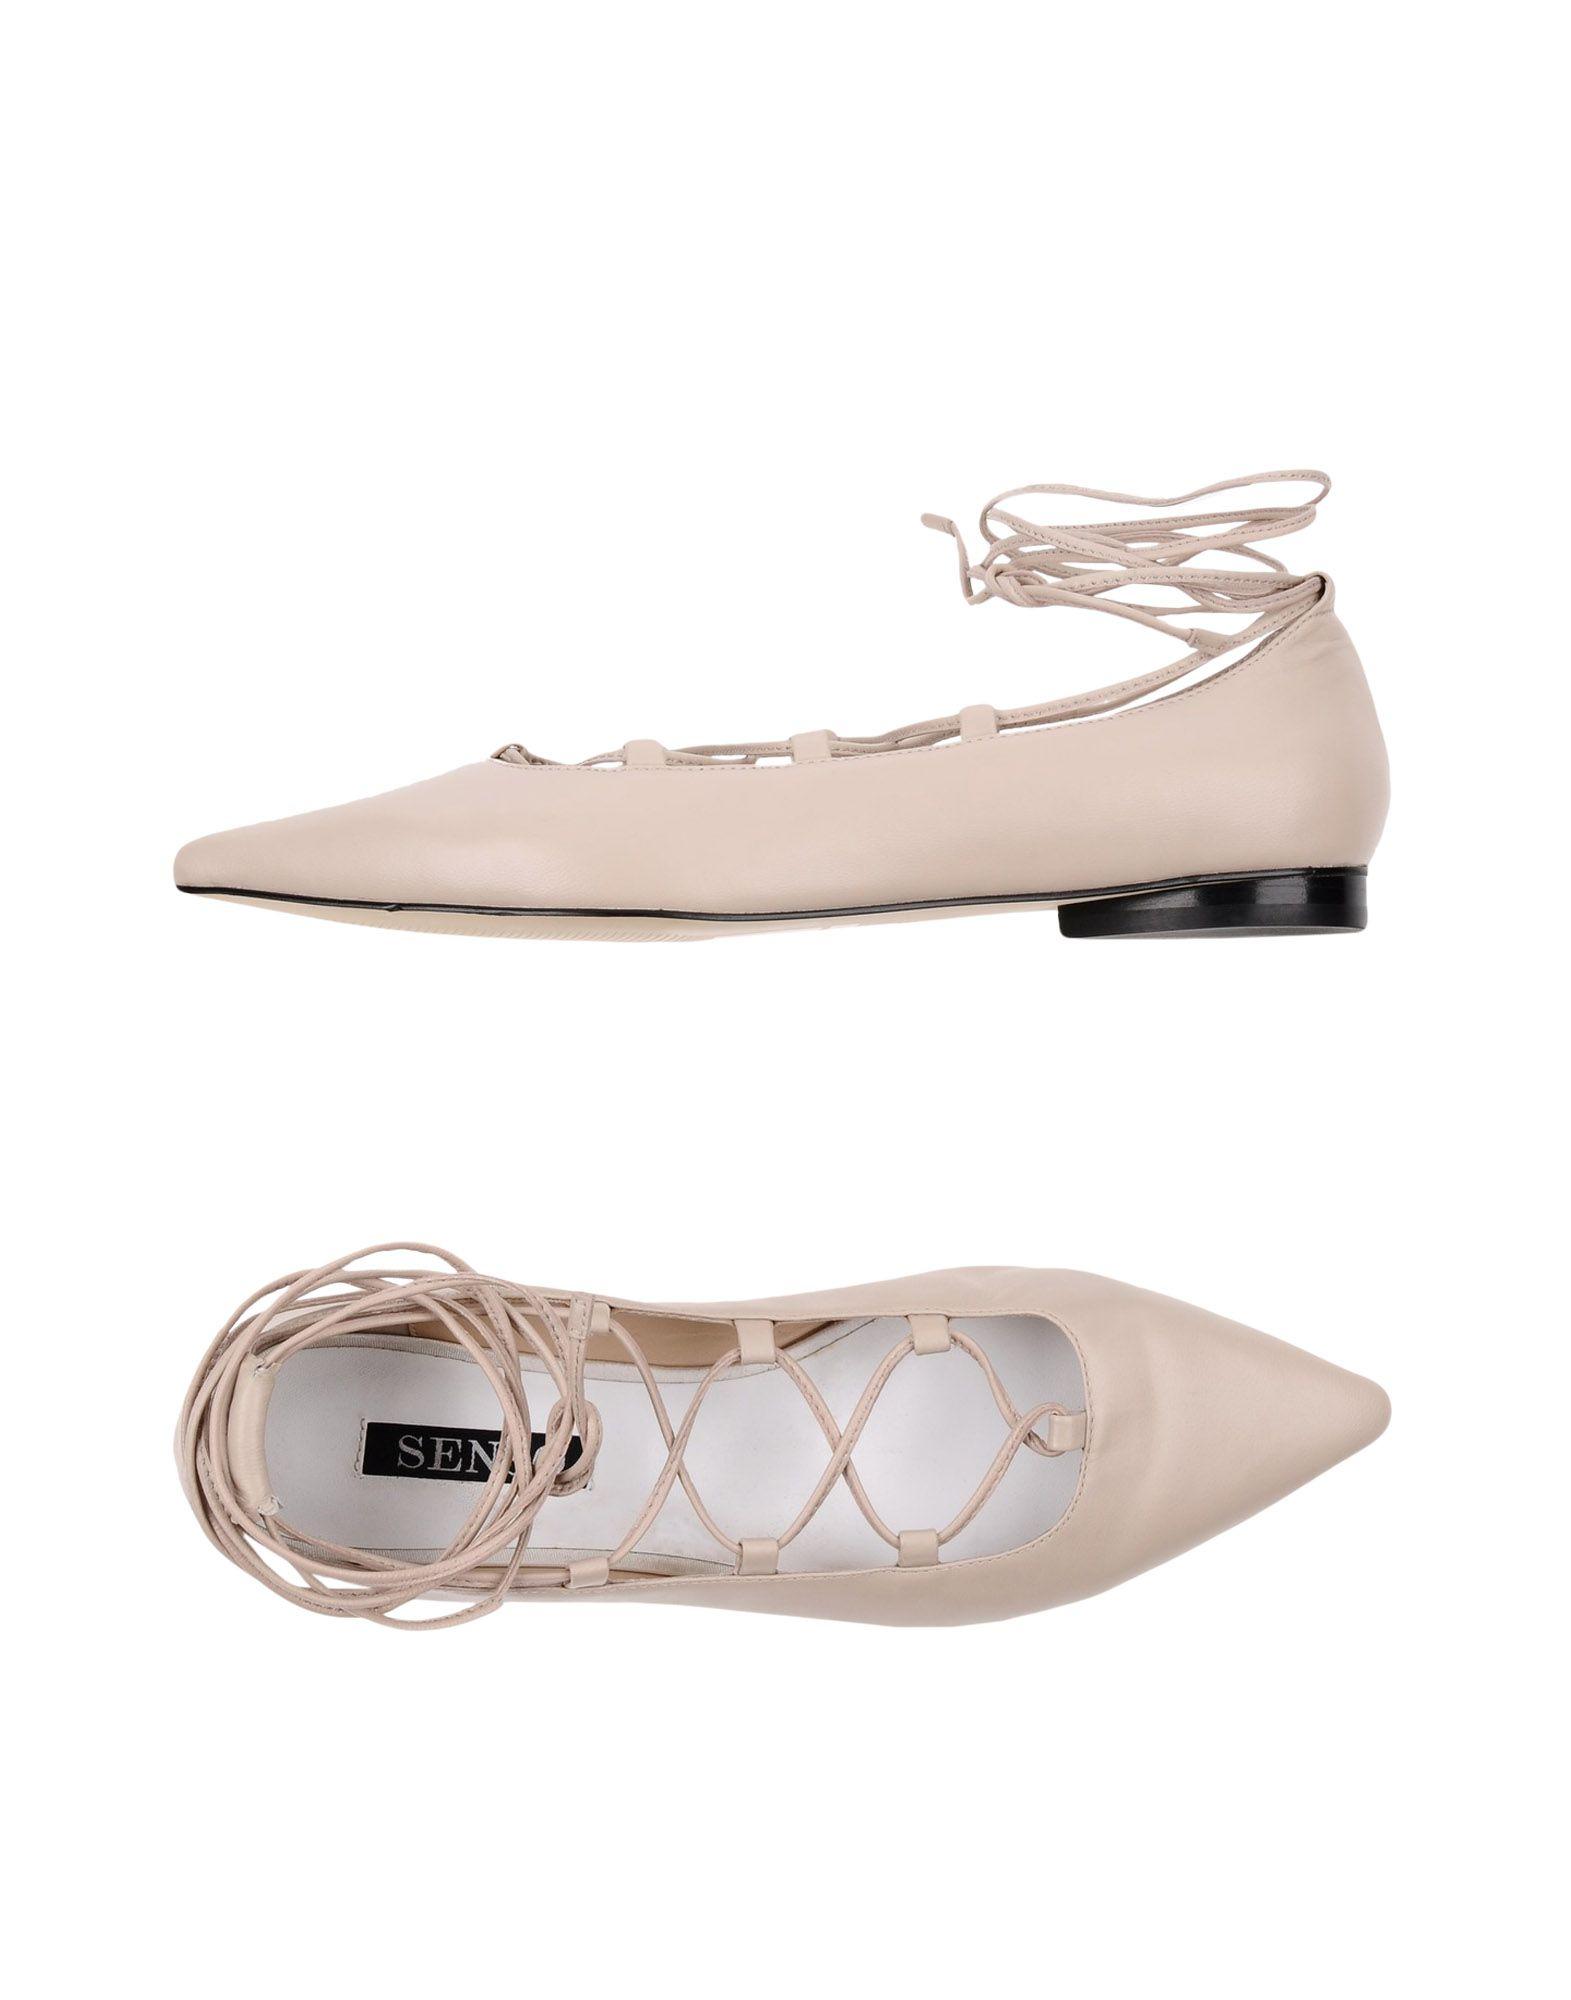 Ballerine Senso Donna - 11117852SD Scarpe economiche e buone